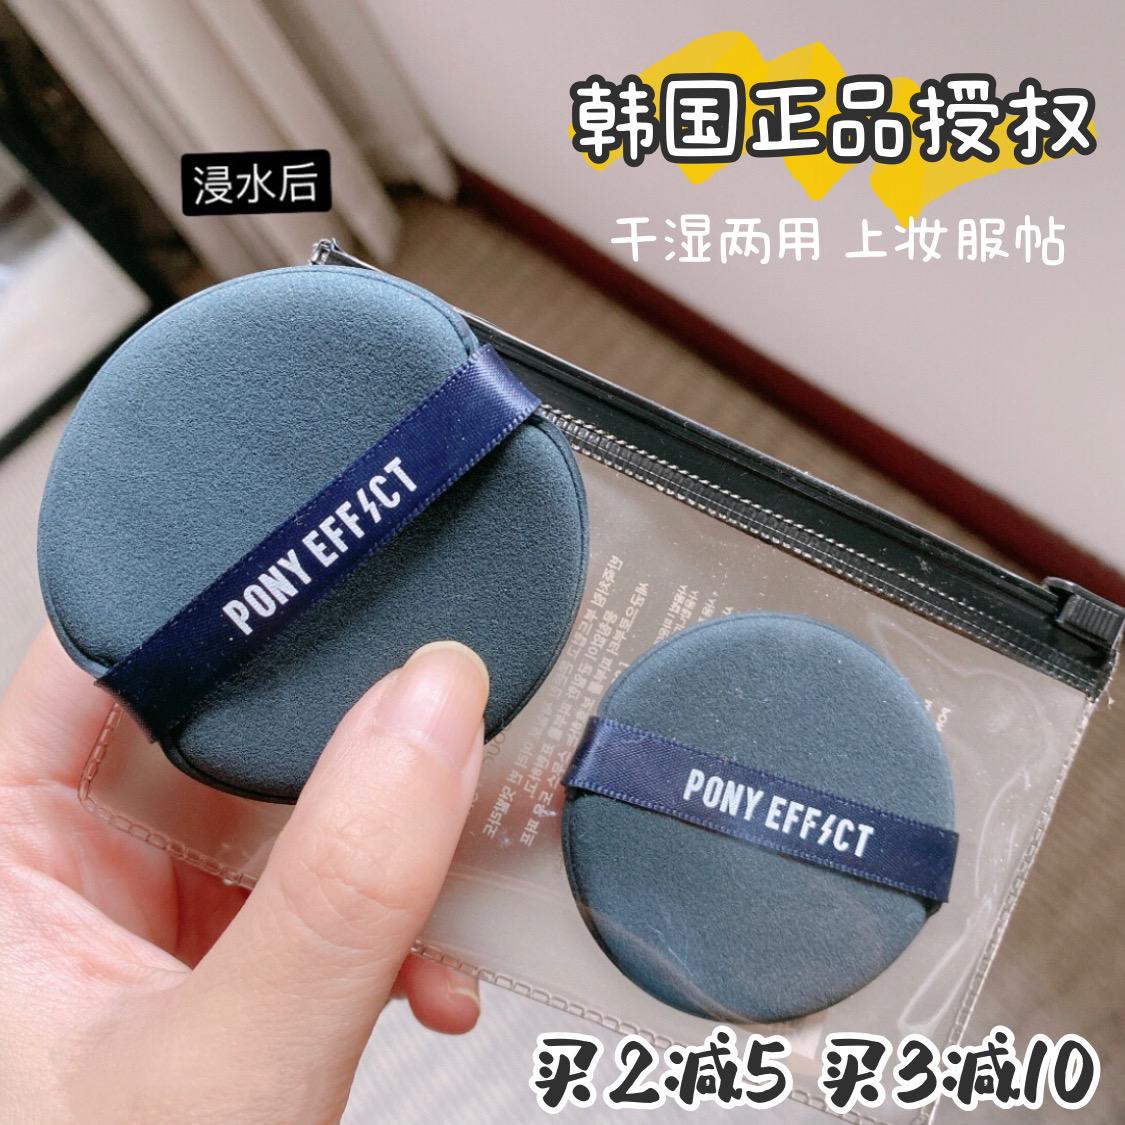 薏米家 韩国Pony Effect韩国光彩气垫BB替换粉扑海绵两只双面干湿